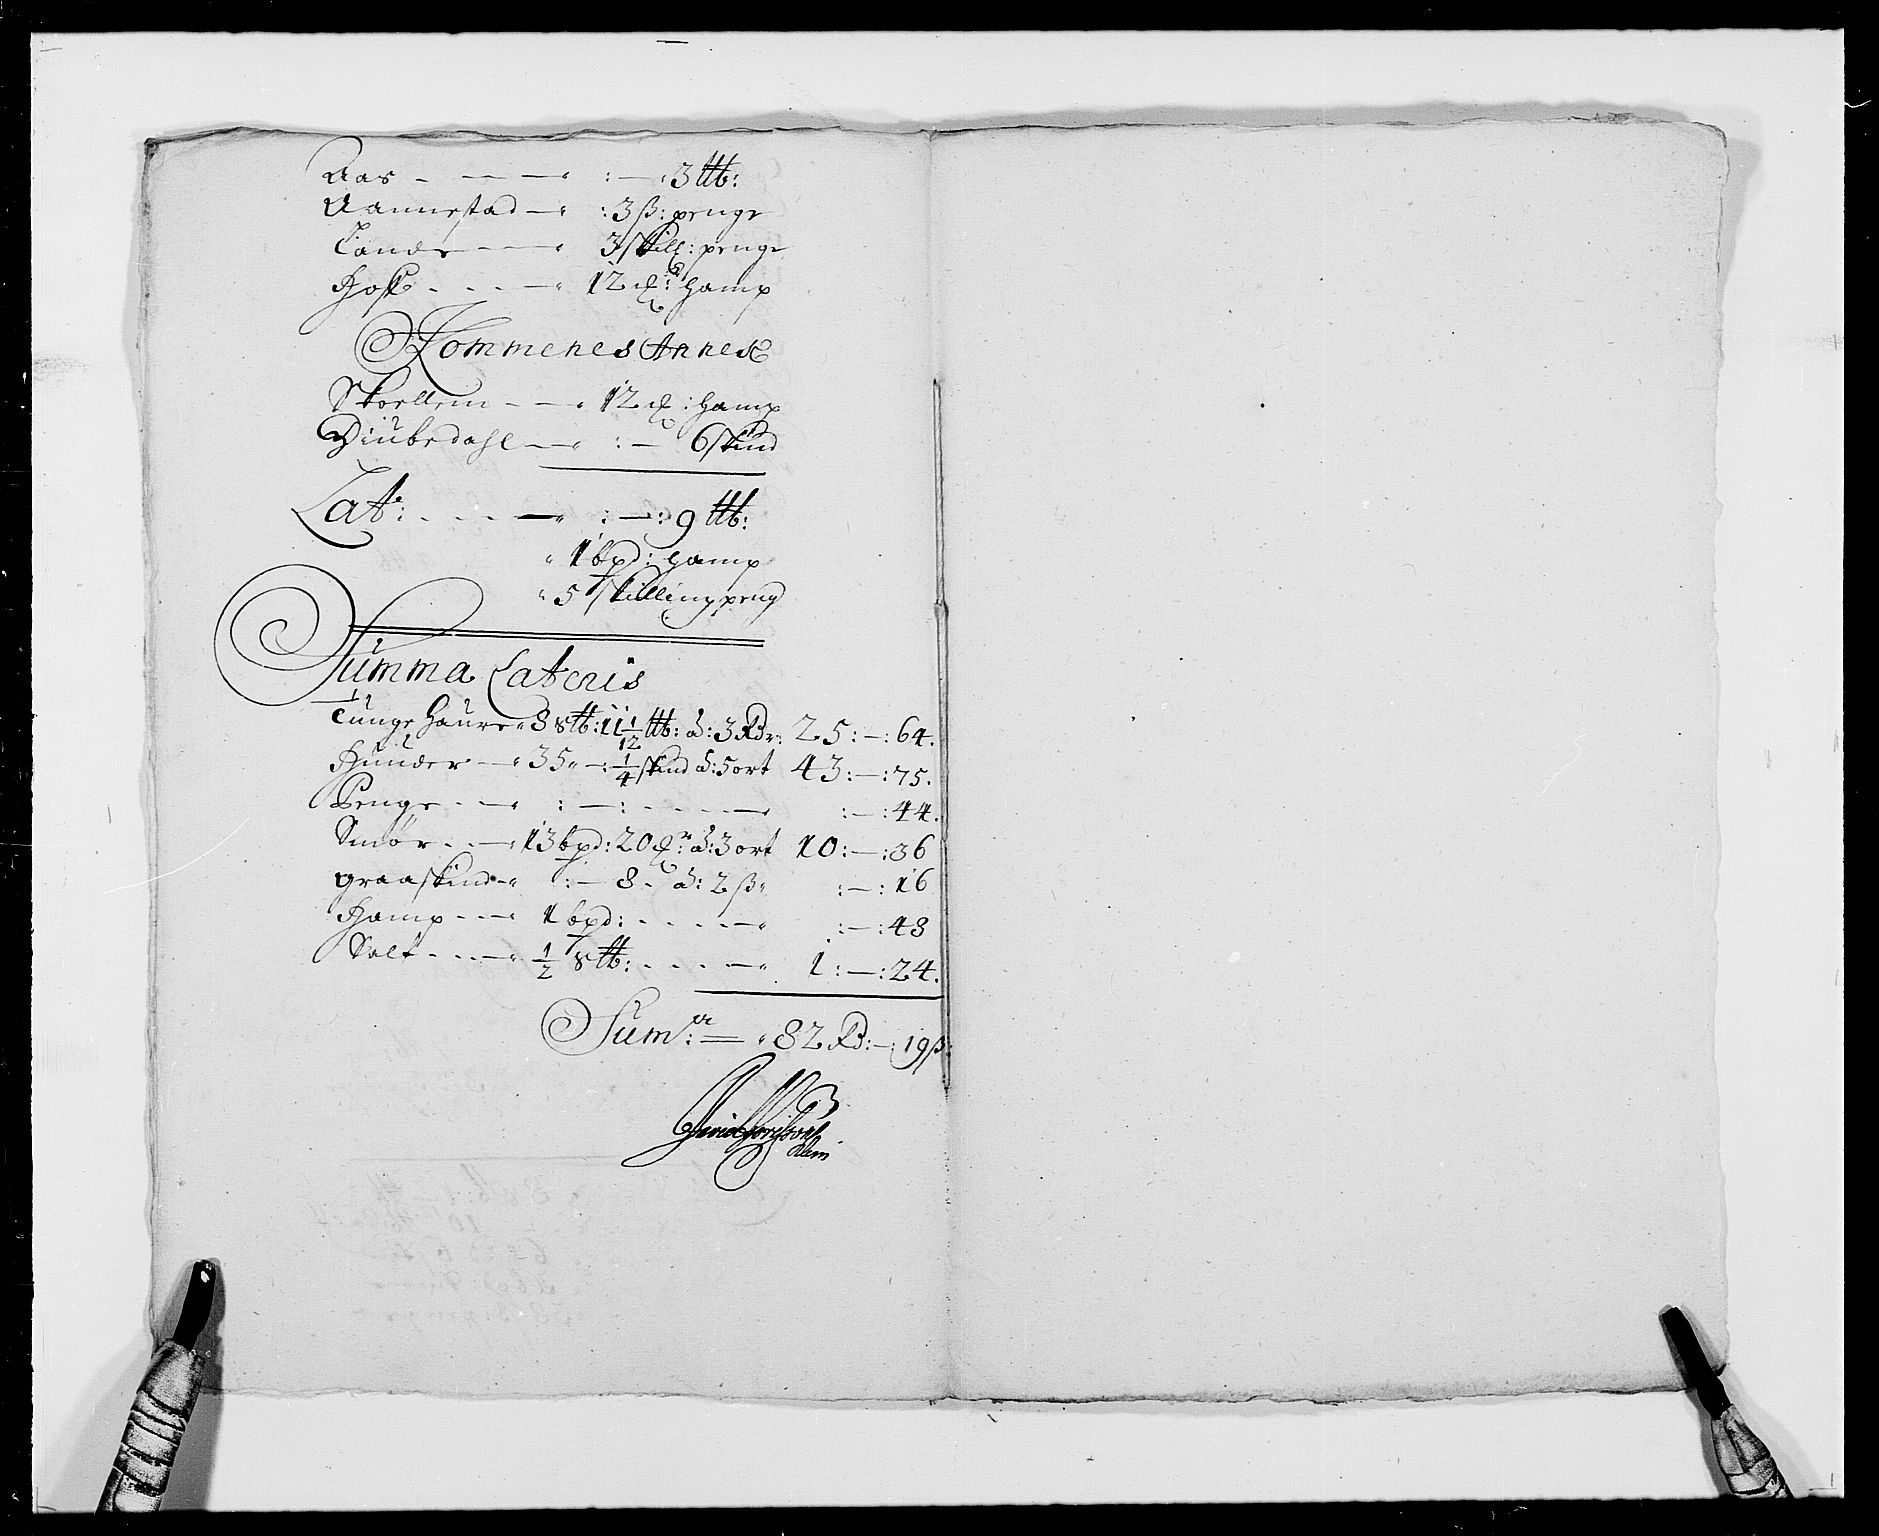 RA, Rentekammeret inntil 1814, Reviderte regnskaper, Fogderegnskap, R24/L1573: Fogderegnskap Numedal og Sandsvær, 1687-1691, s. 353